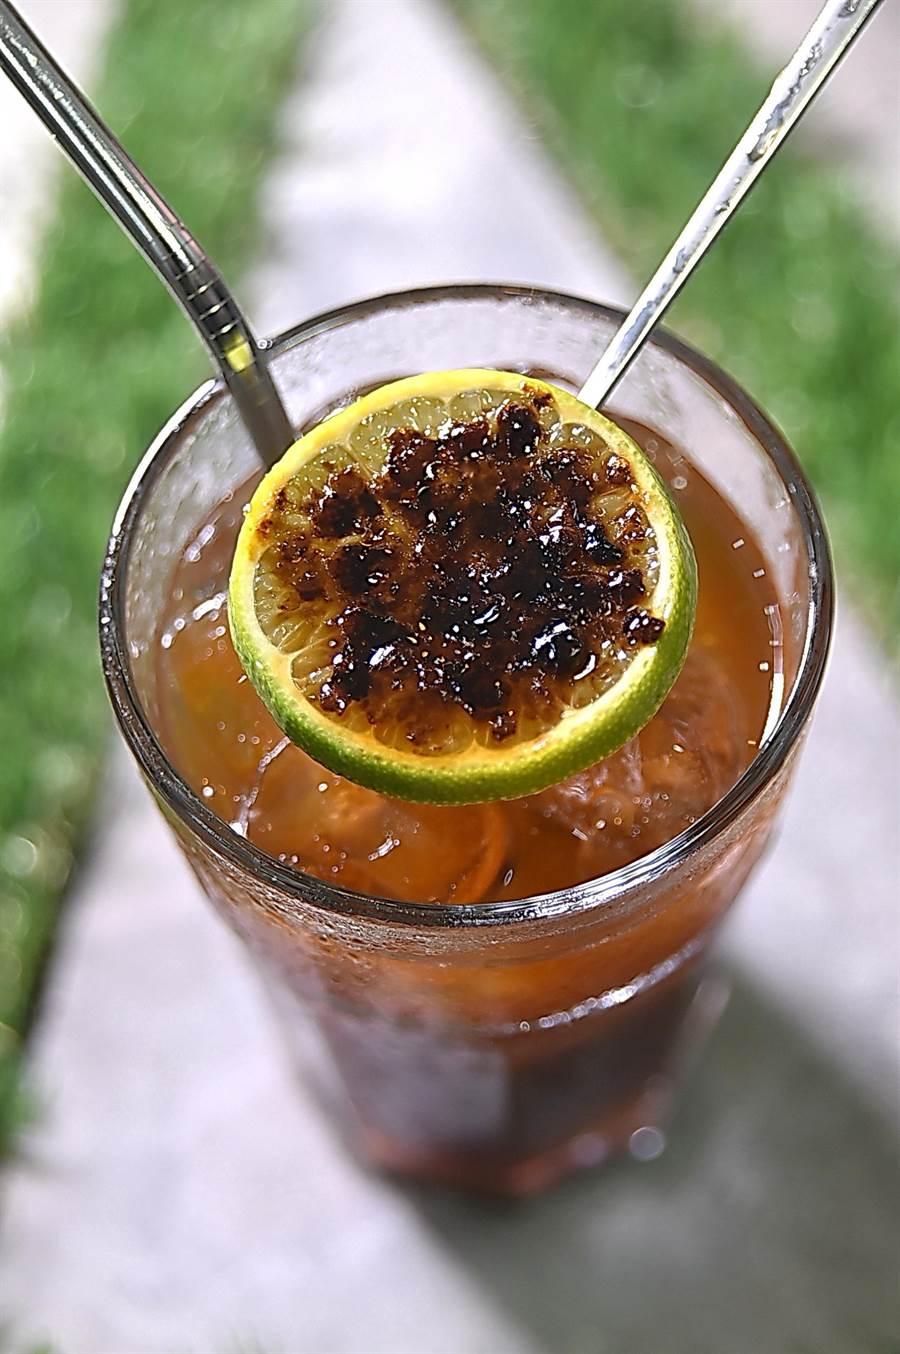 用自製焦糖檸檬調味的特調冰飲,甜酸滋味很消暑。(圖/姚舜)